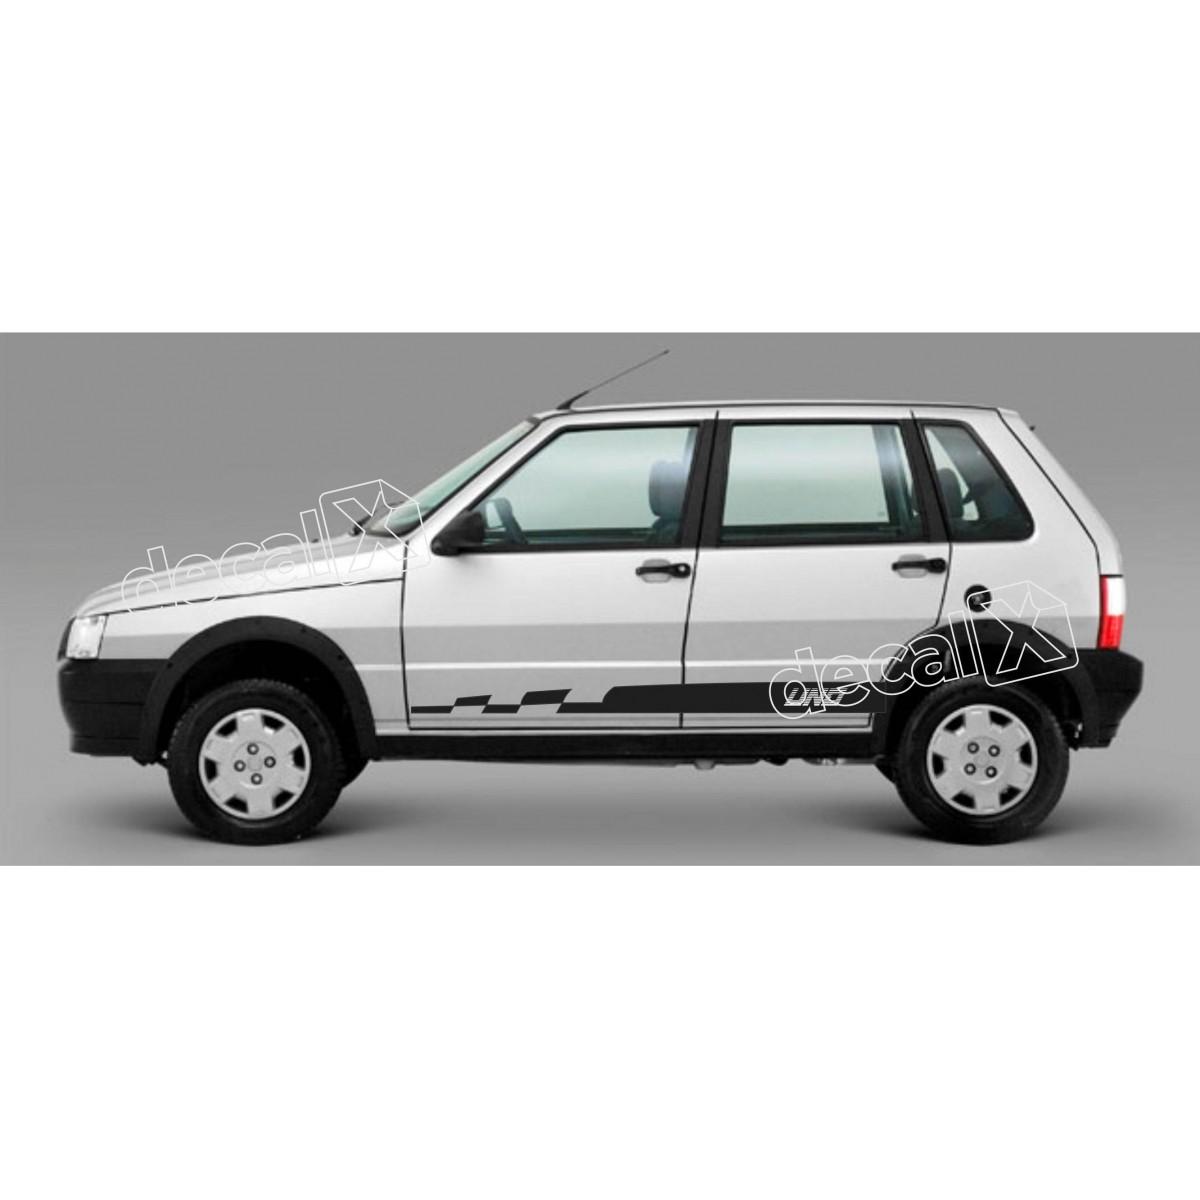 Adesivo Faixa Lateral Fiat Uno Unof9